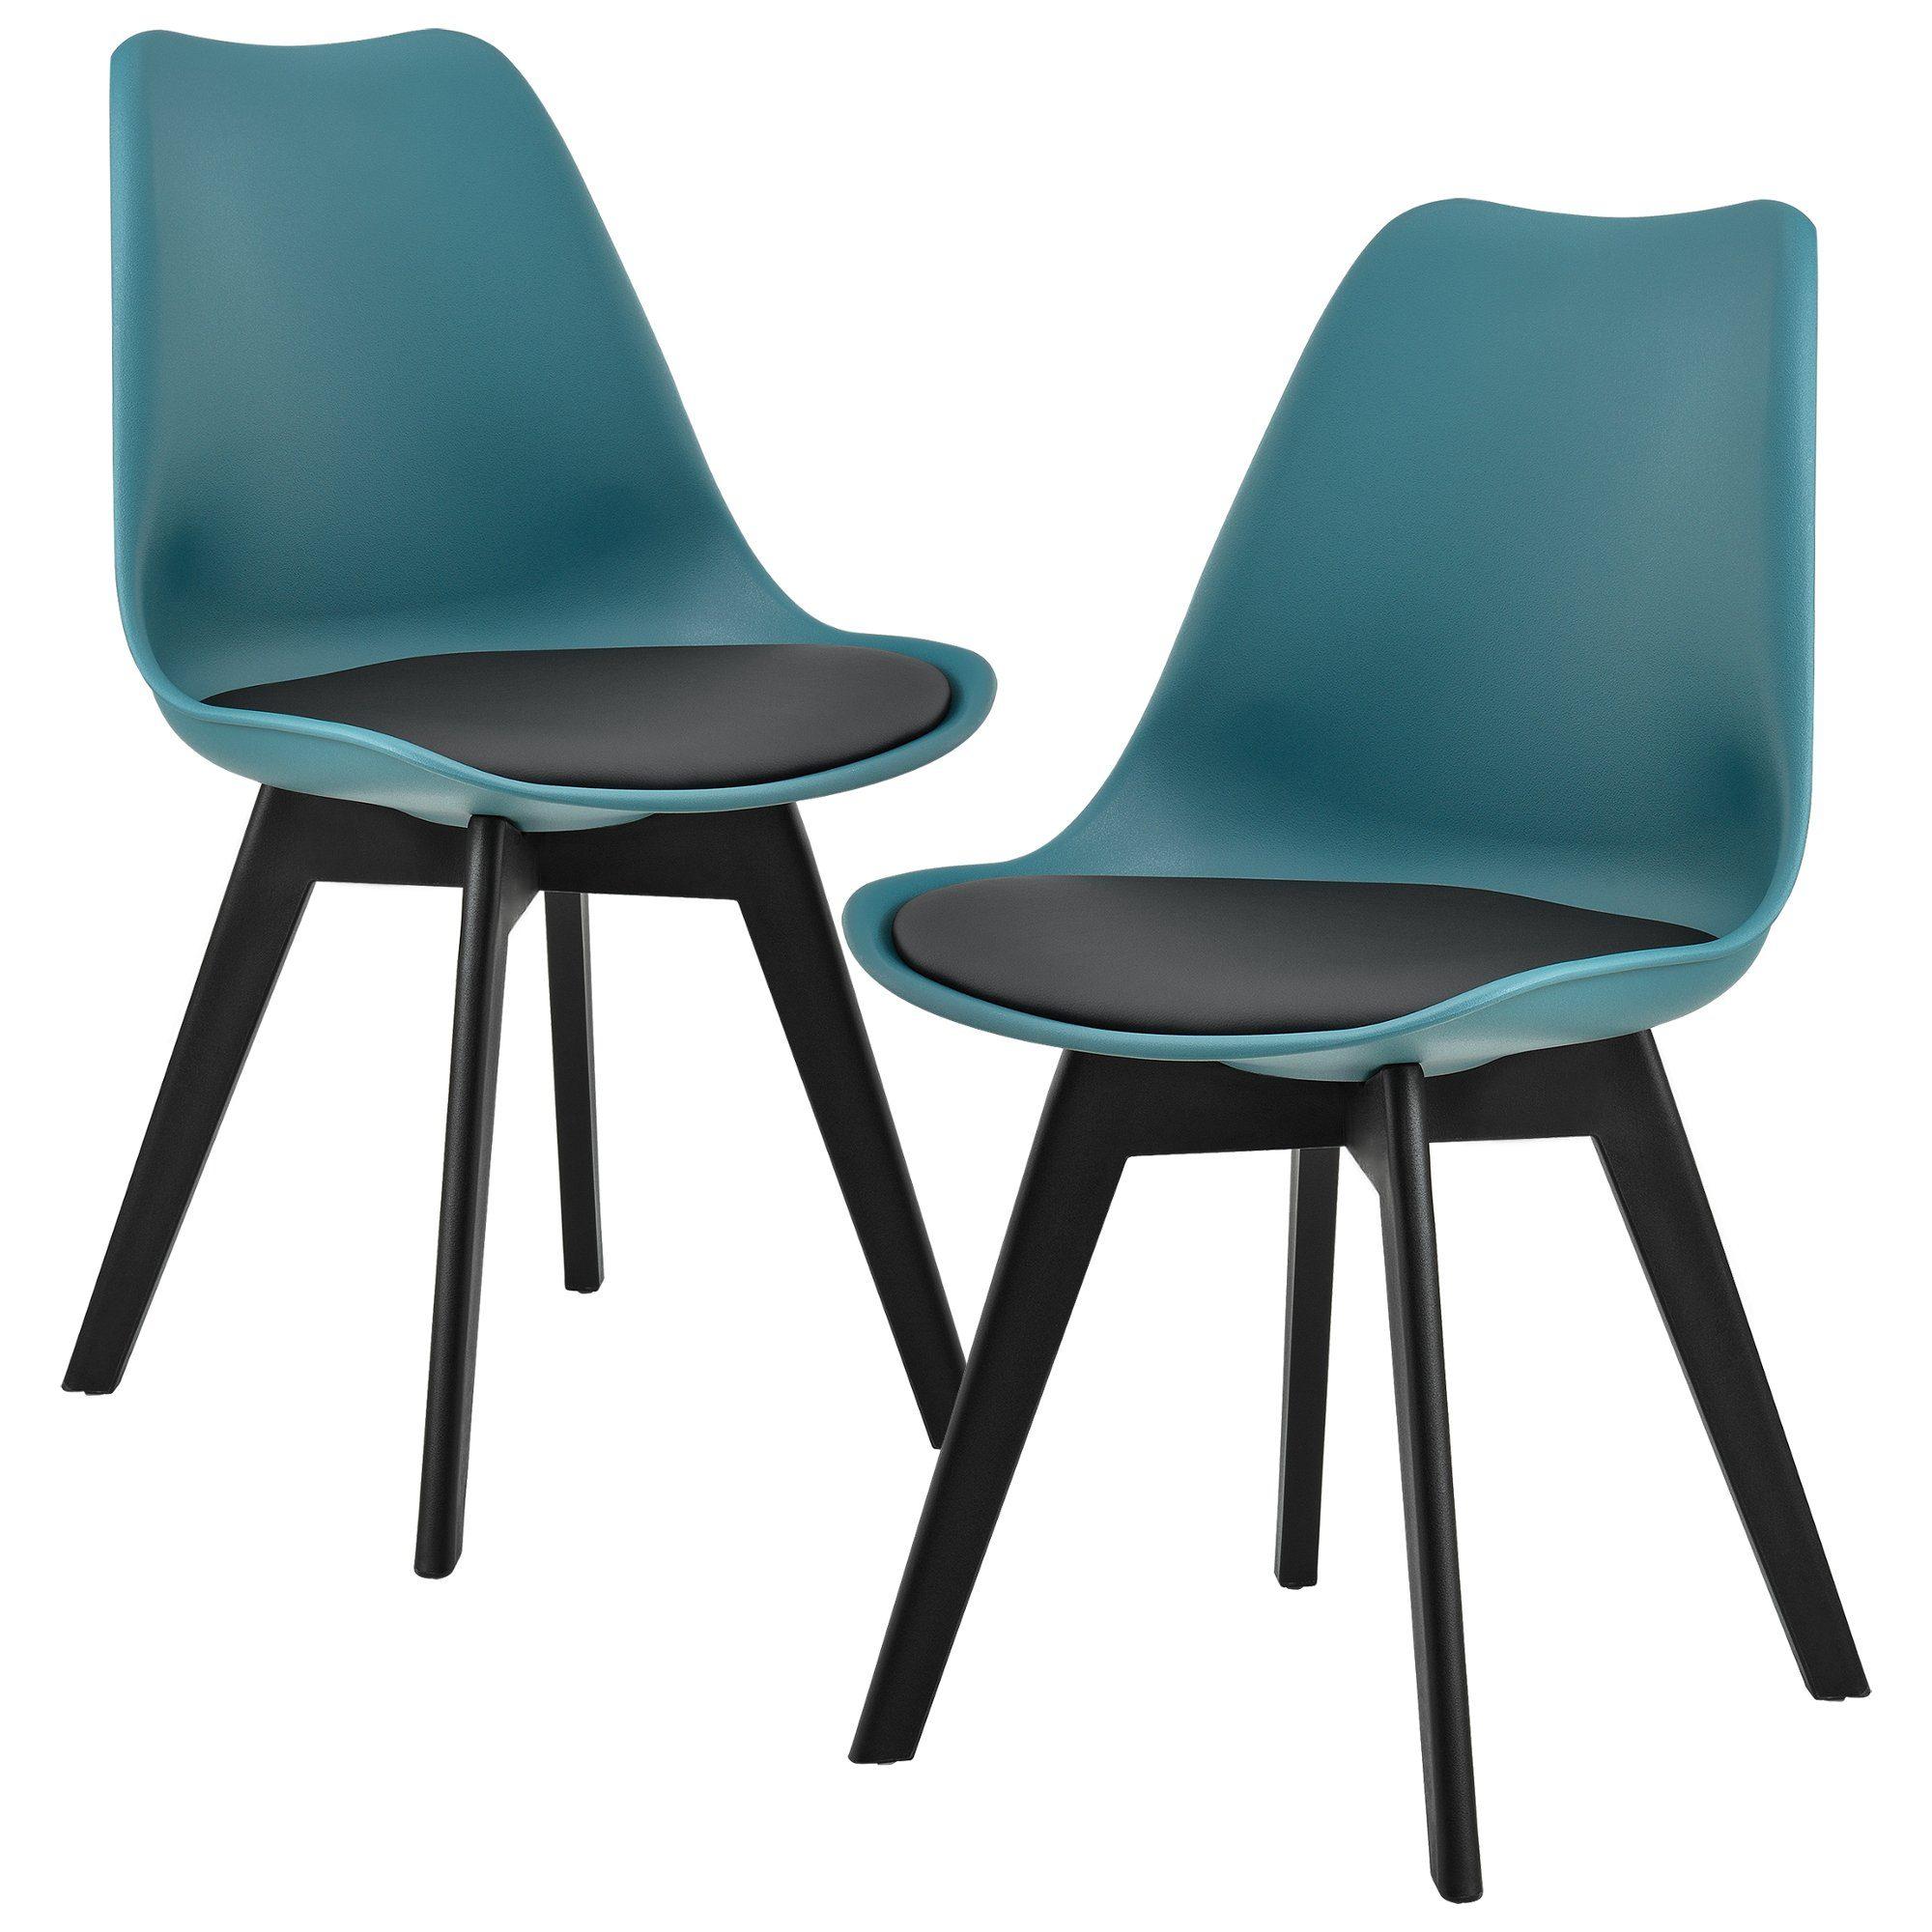 en.casa Stuhl 2x Design Stühle Esszimmer Türkis Kunststoff ...